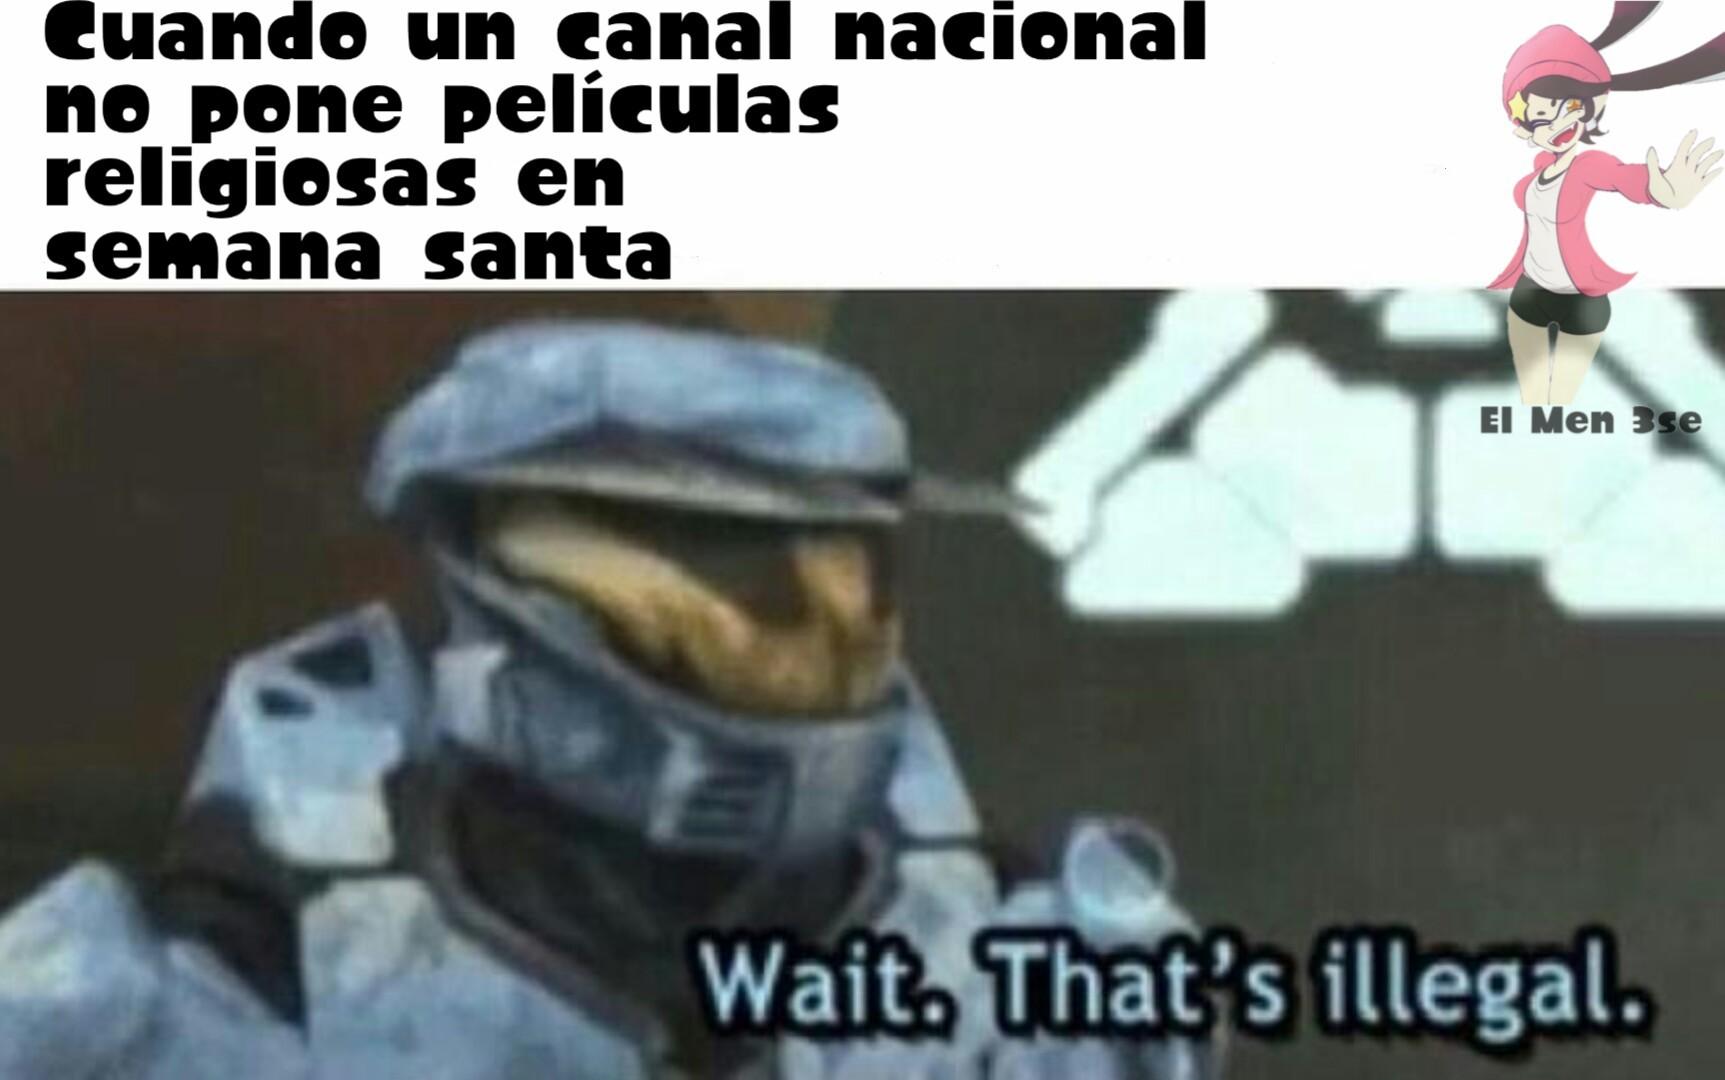 Creo que es tradición de los canales nacionales - meme